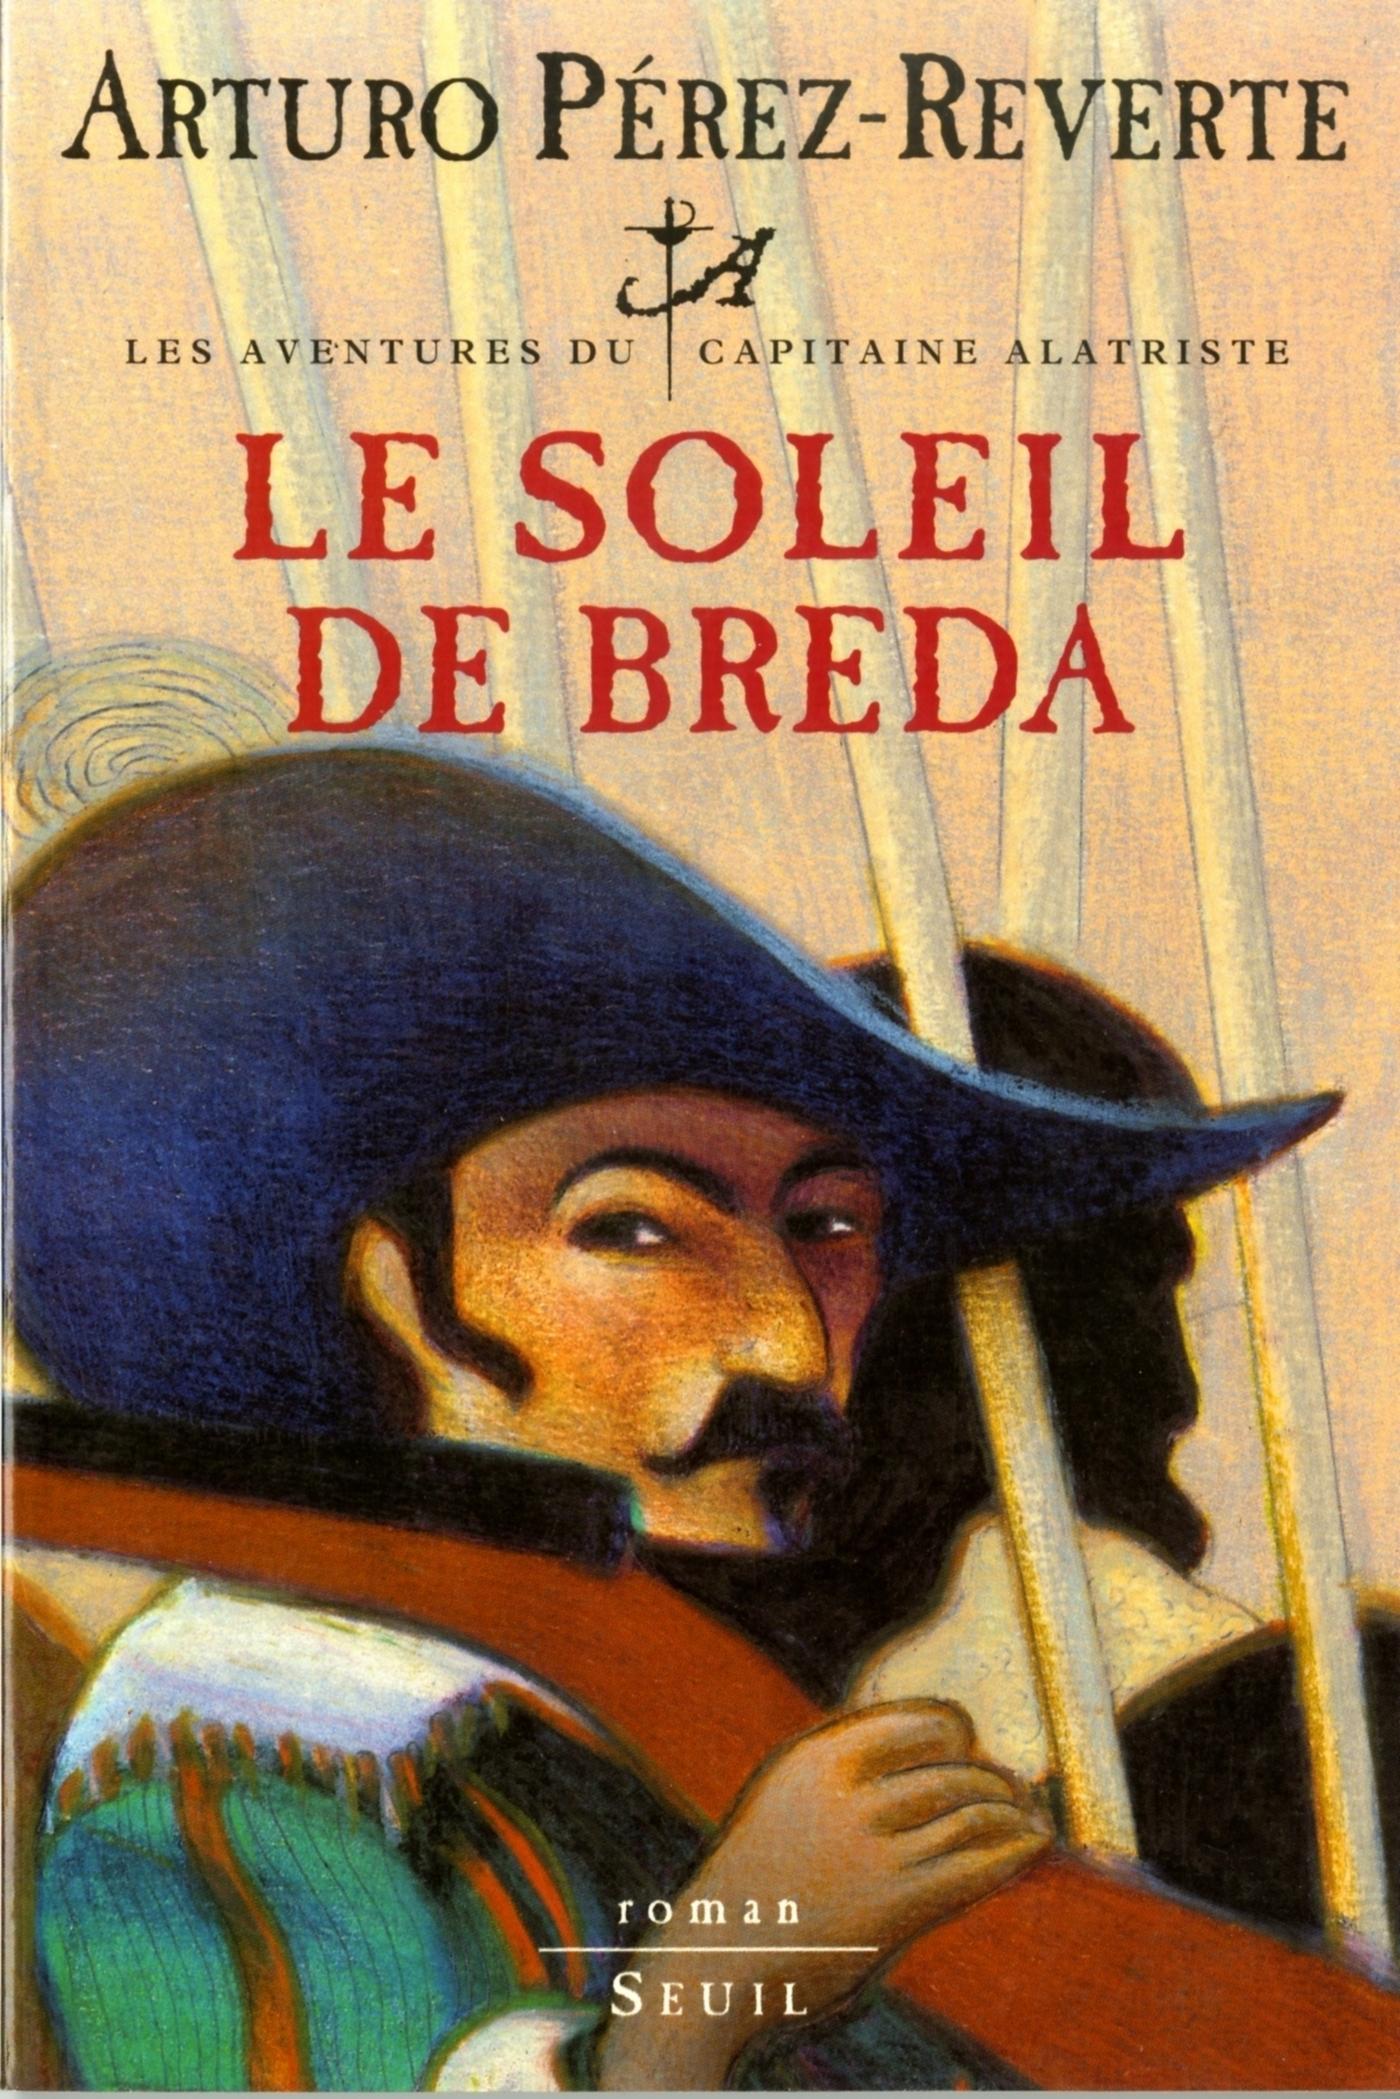 Le Soleil de Breda, Les Aventures du Capitaine Alatriste, t. 3 | Pérez-Reverte, Arturo